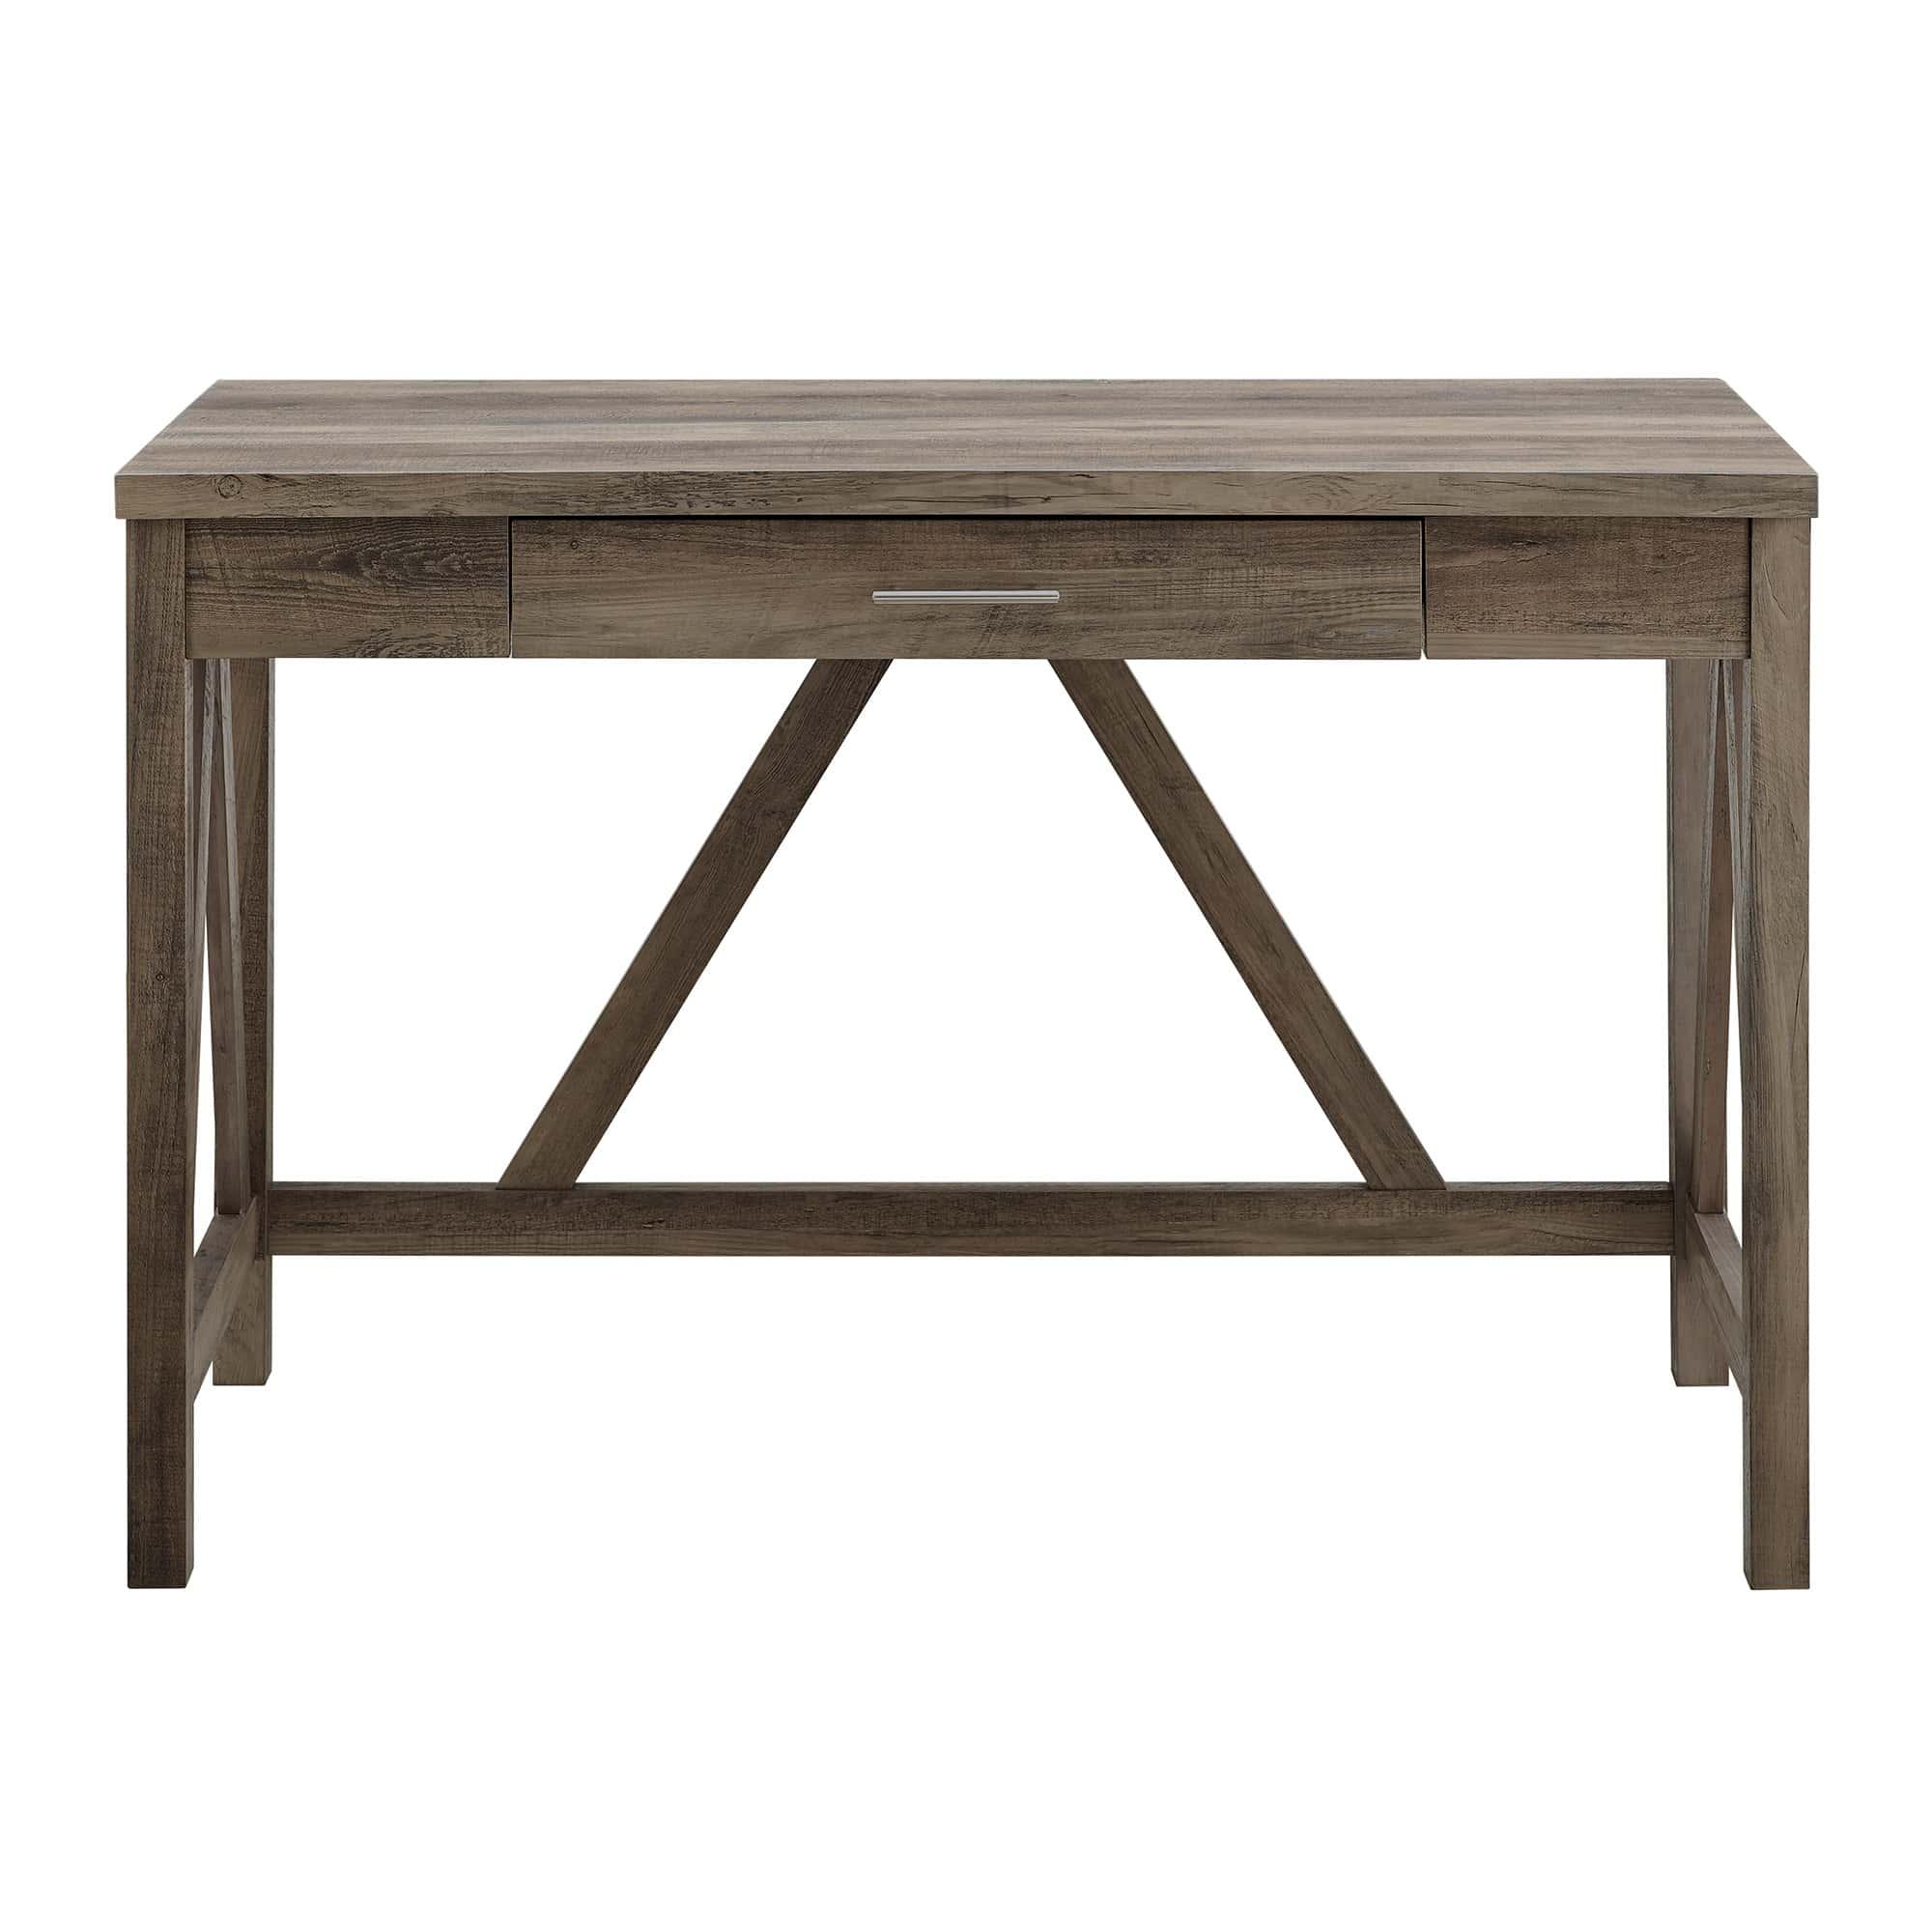 35 Inch Rustic Farmhouse Wood Computer Desk - Grey Wash by Walker Edison